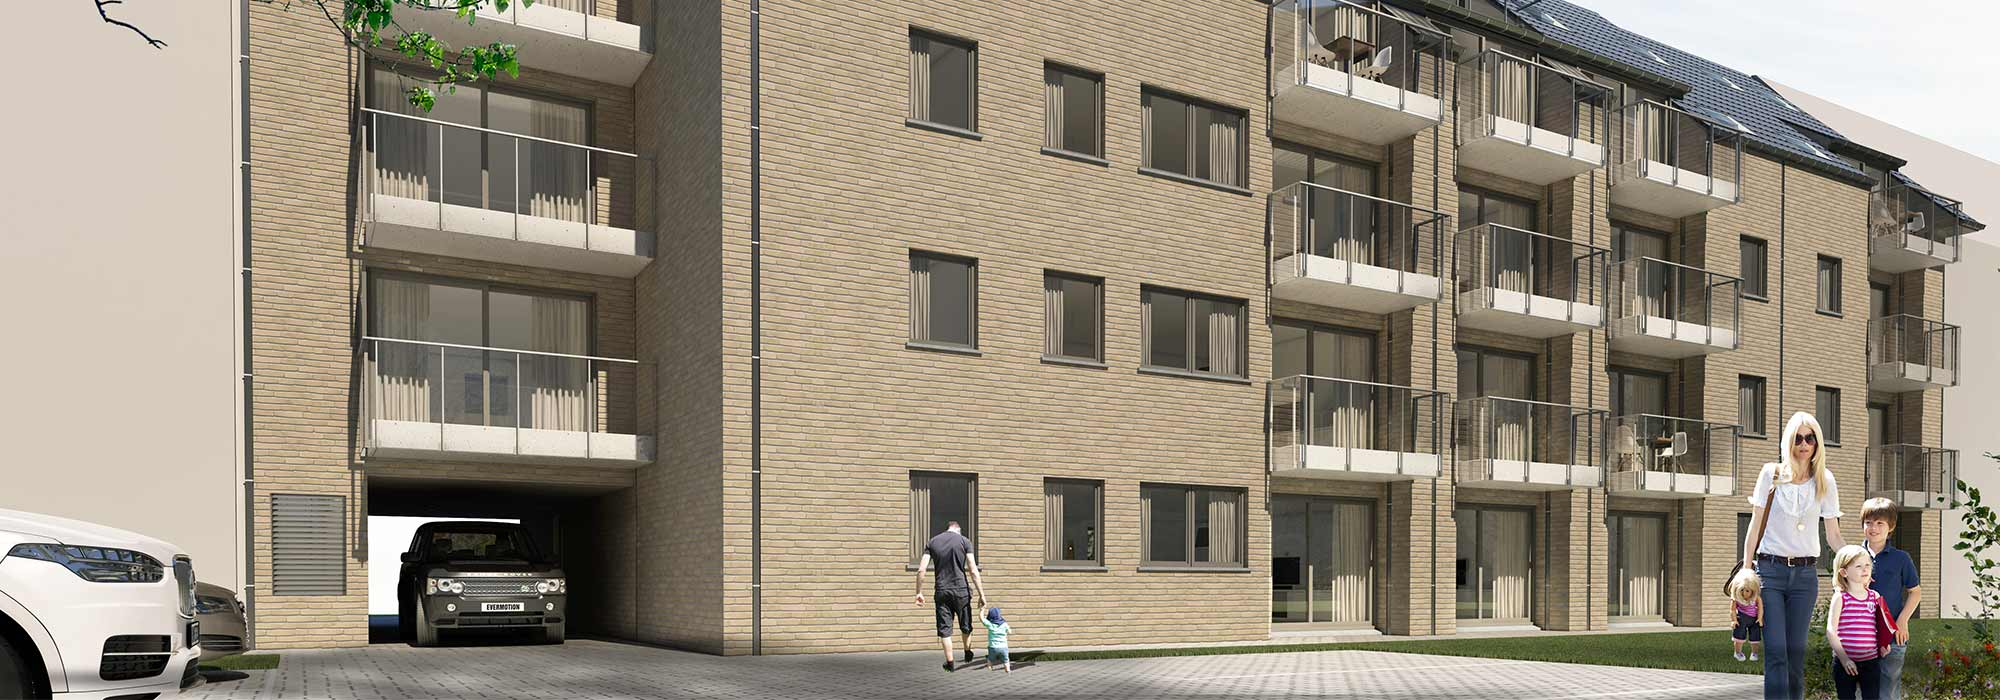 Residentie Jemastyl – Oudenaarde